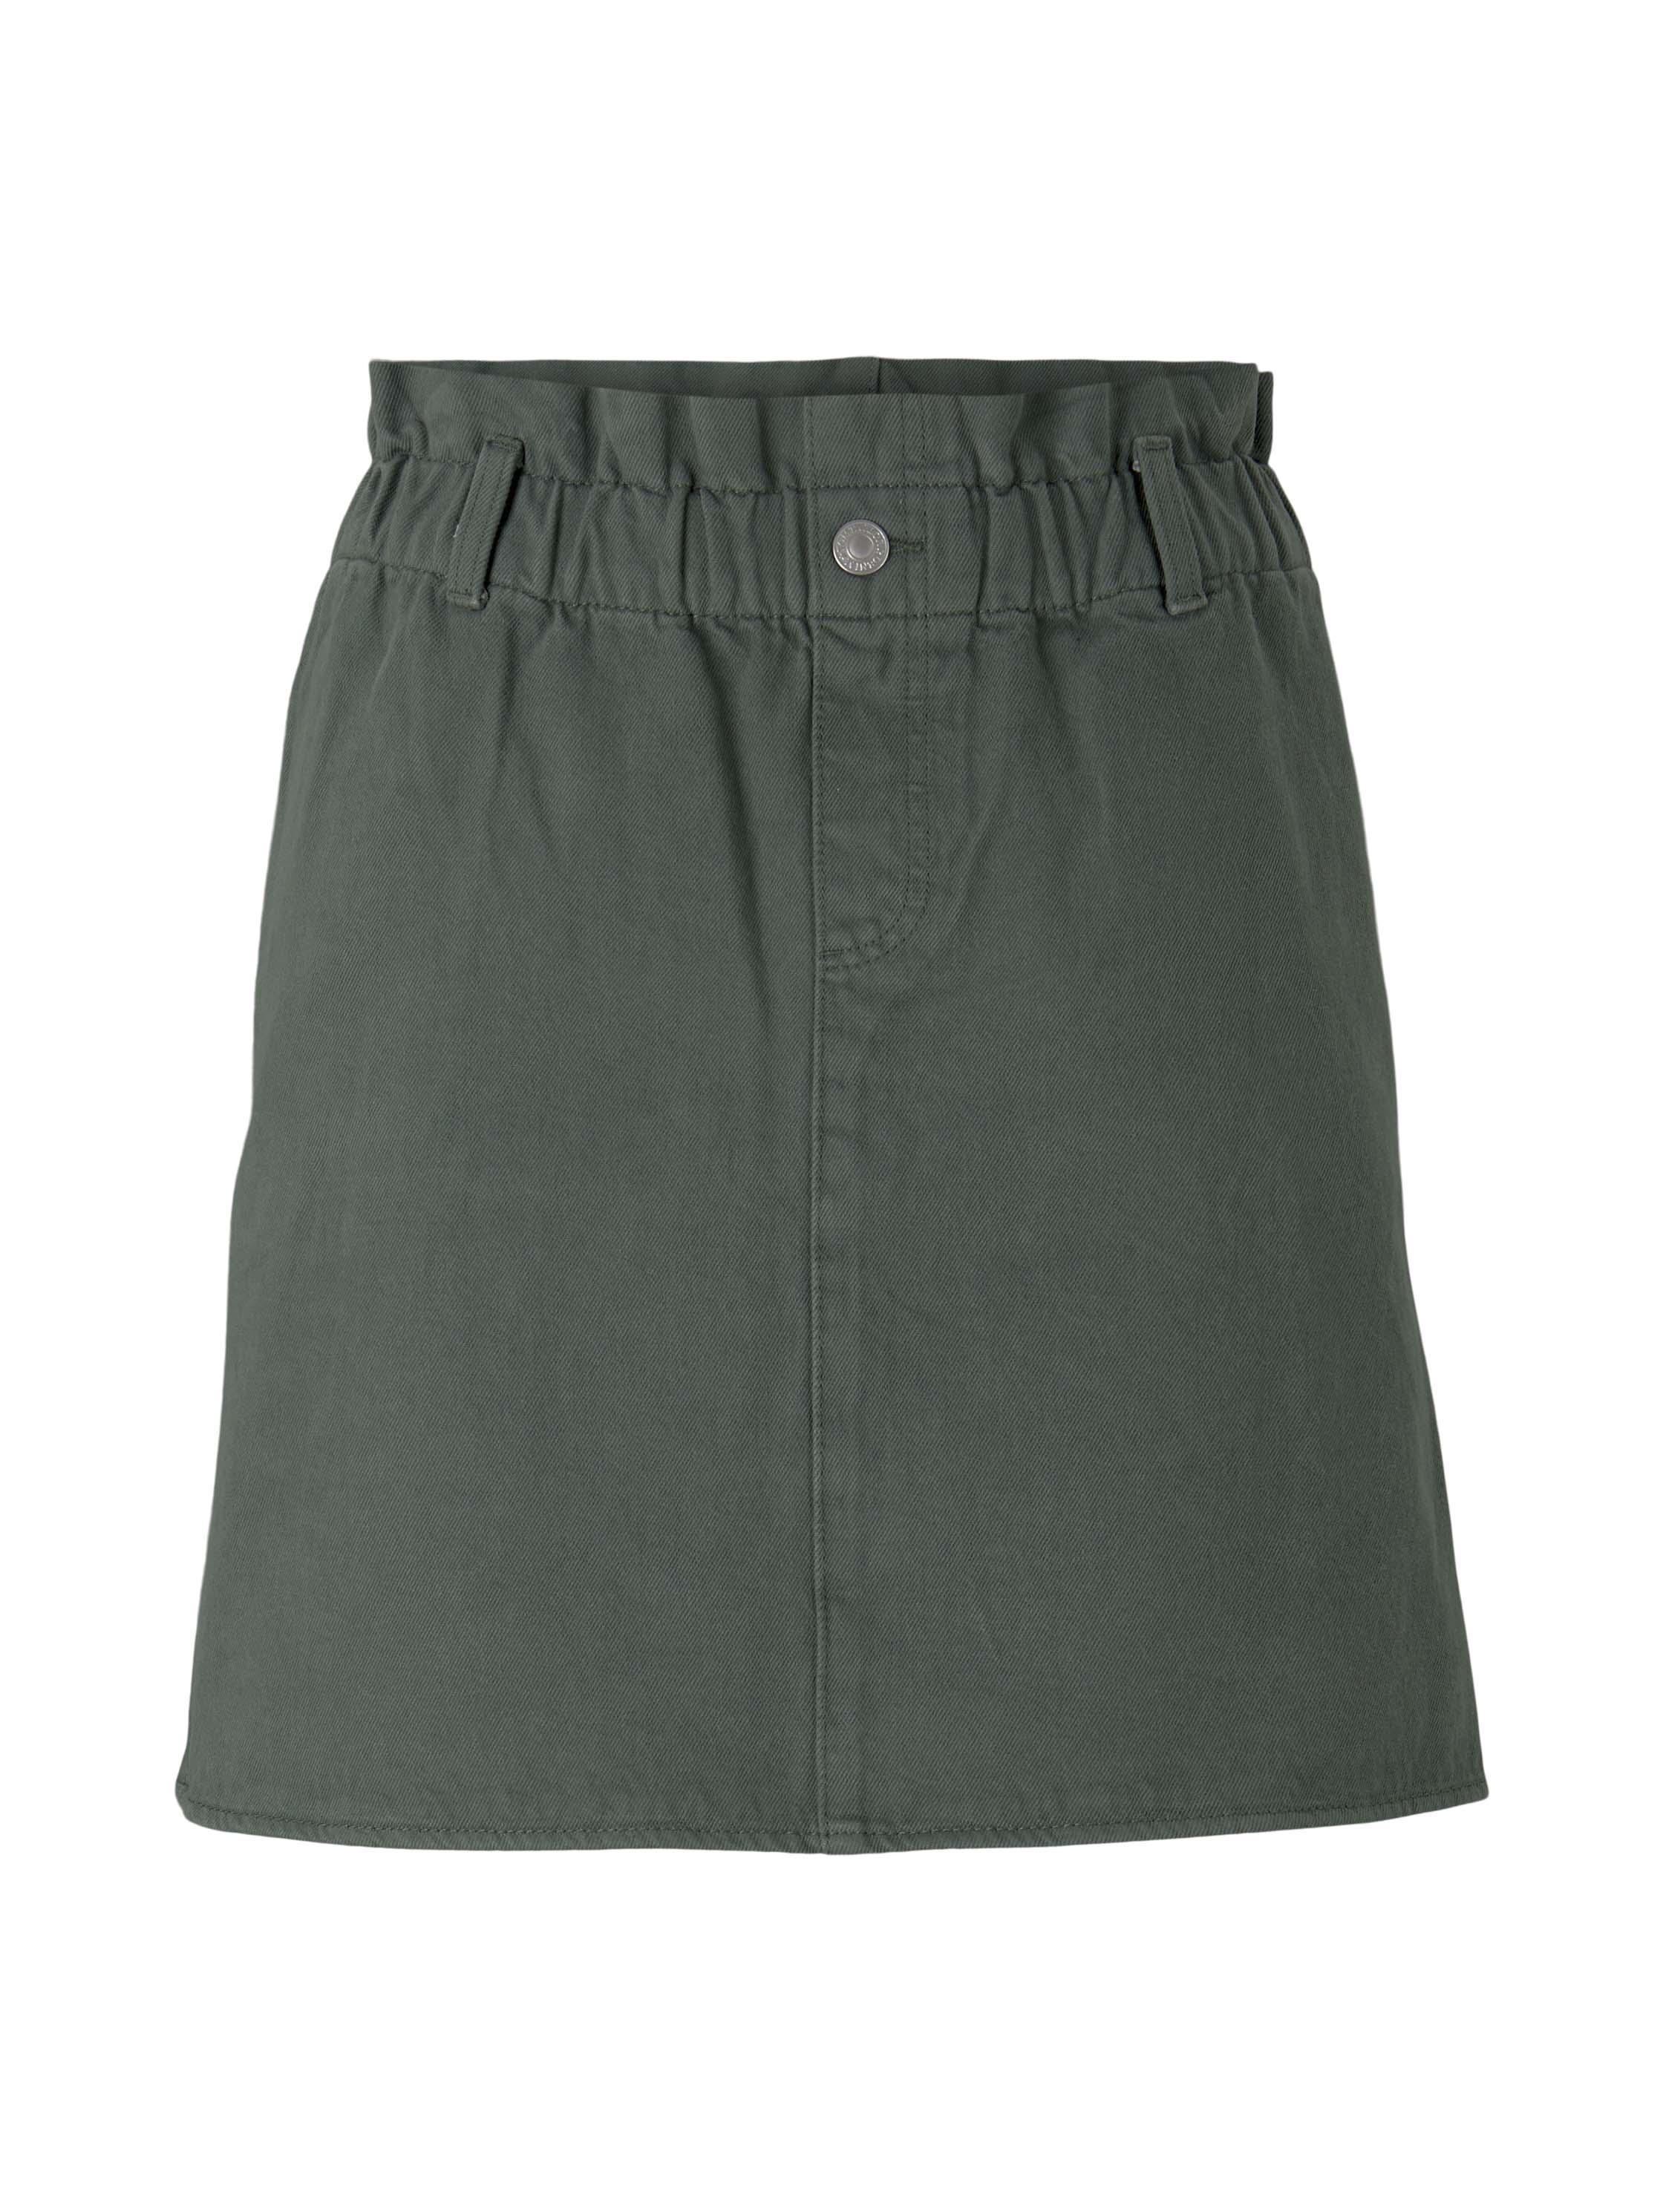 denim paperbag skirt, dusty pine green